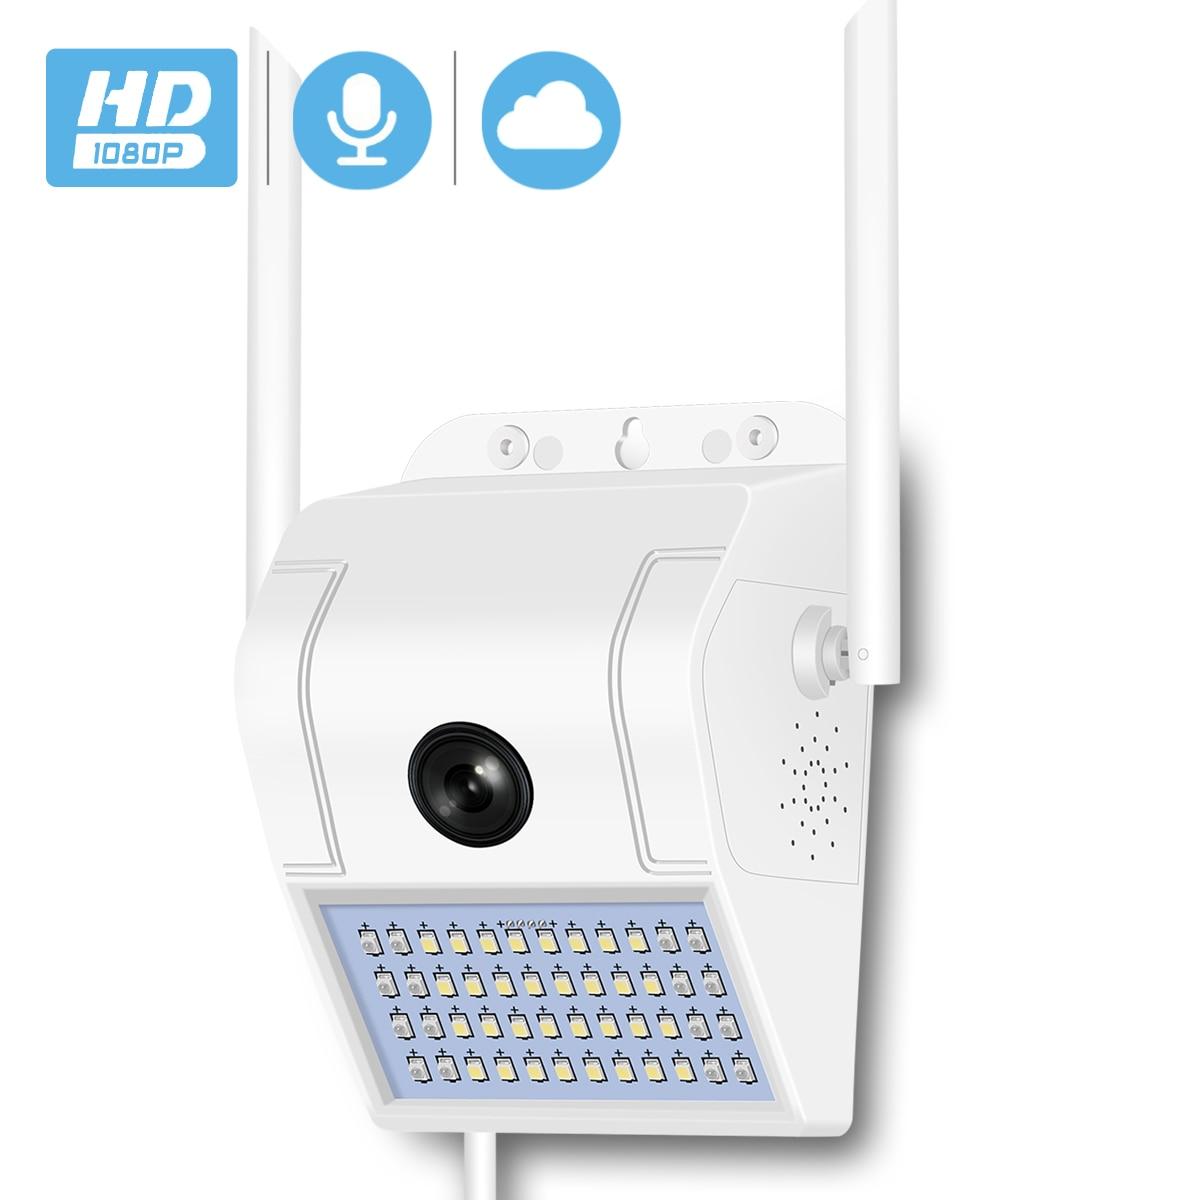 BESDER 1080P HD настенная лампа наружная IP камера WiFi ИК Ночное Видение человеческое тело умная Индукционная садовая беспроводная камера SD карта о...